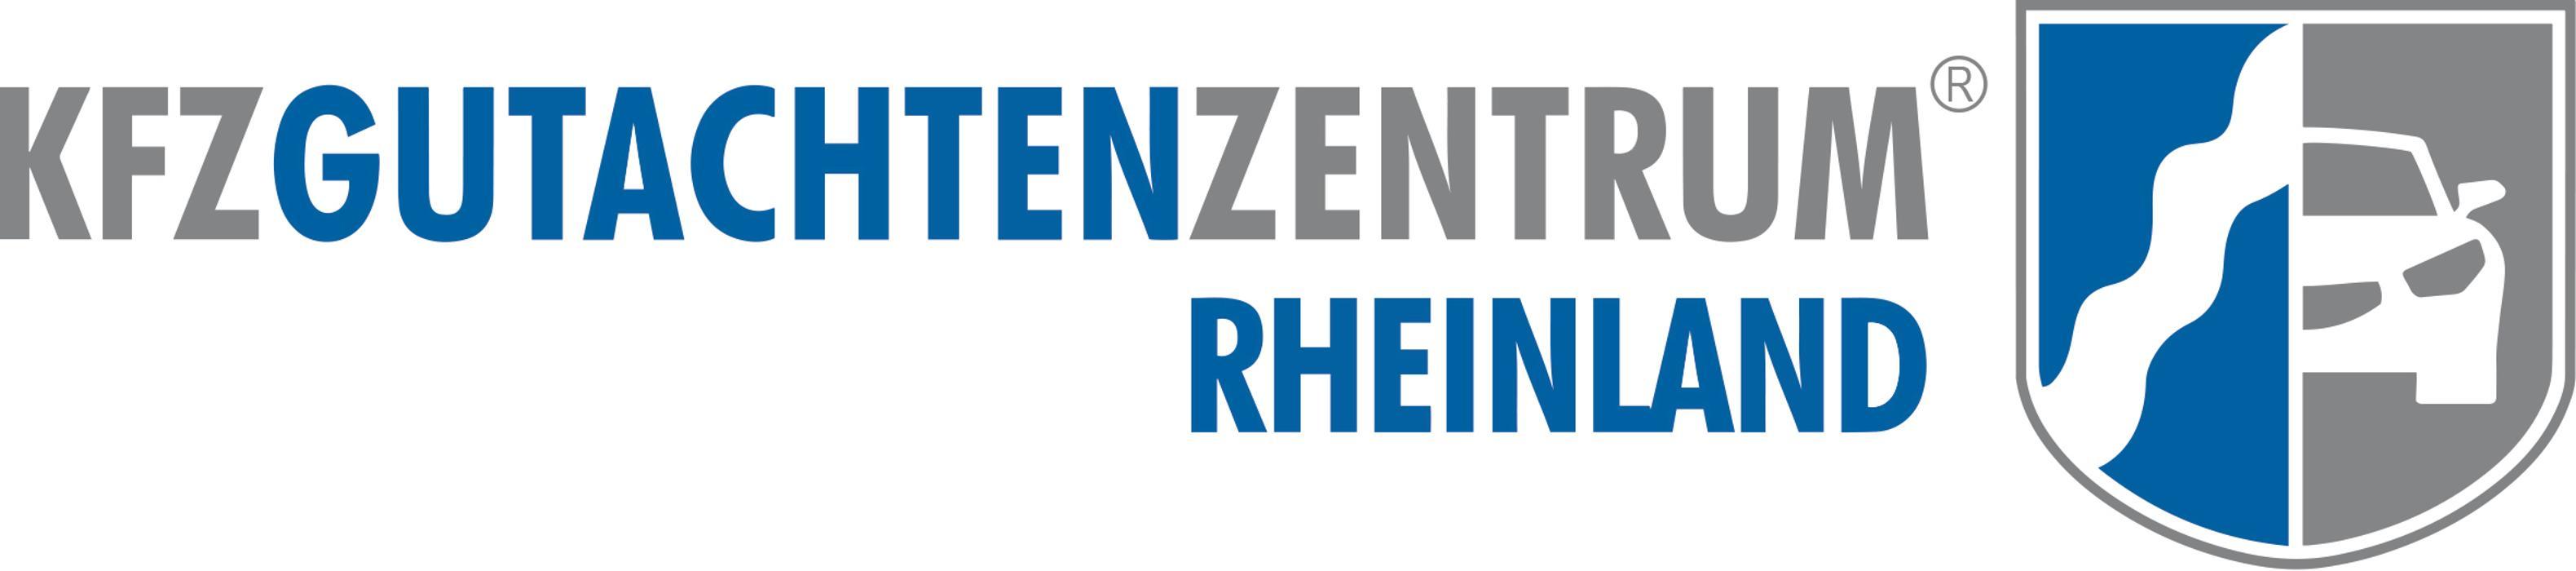 Bild zu KFZ Gutachtenzentrum Rheinland GmbH in Bad Neuenahr Ahrweiler